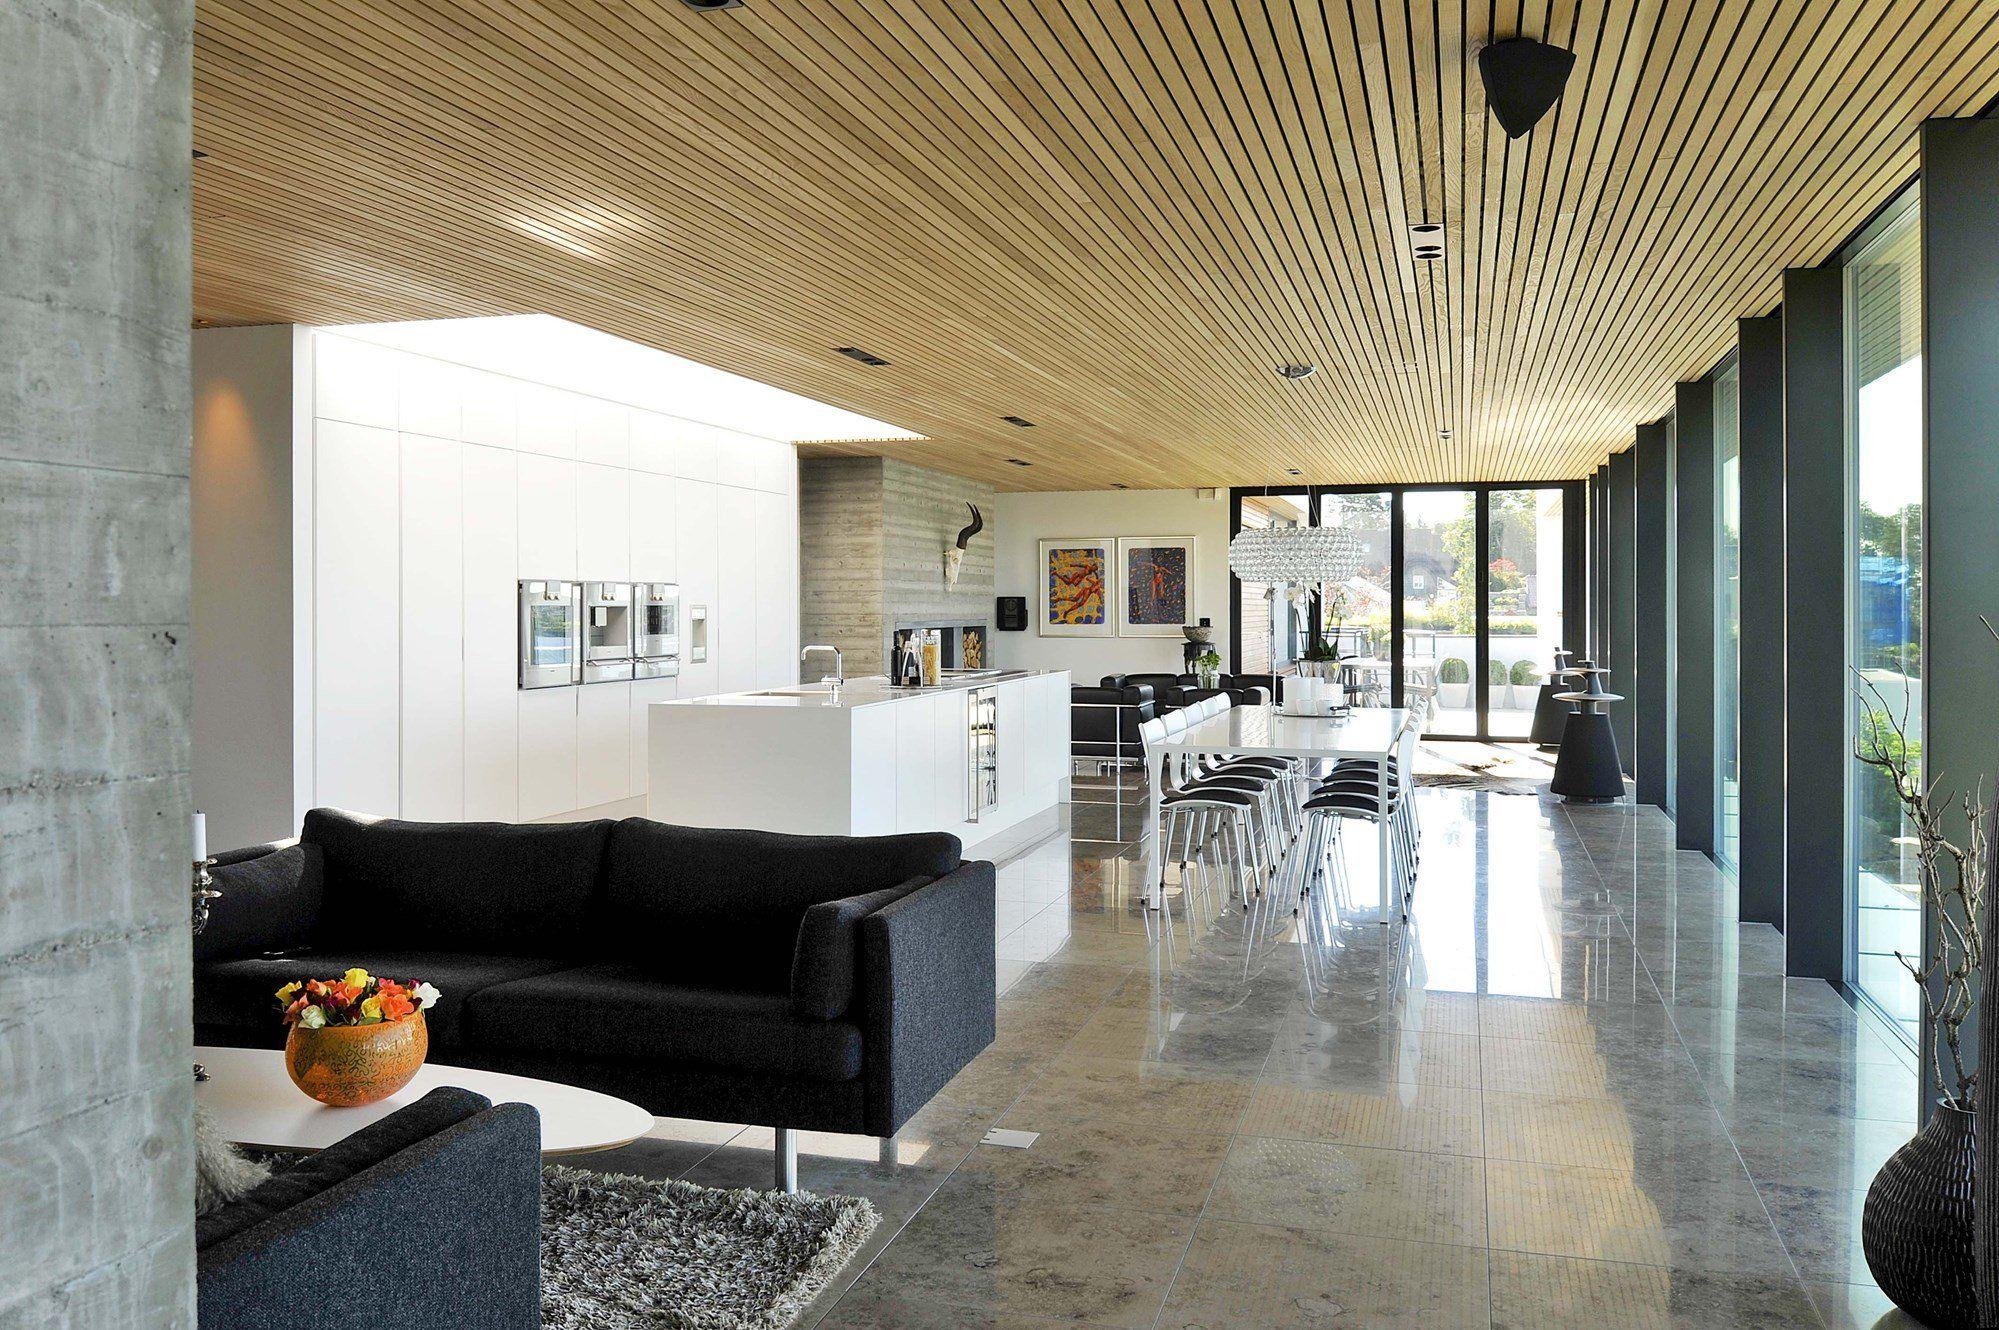 Overlys villa kgb stavanger arkitekt tommie wilhelmsen for Arkitekt design home